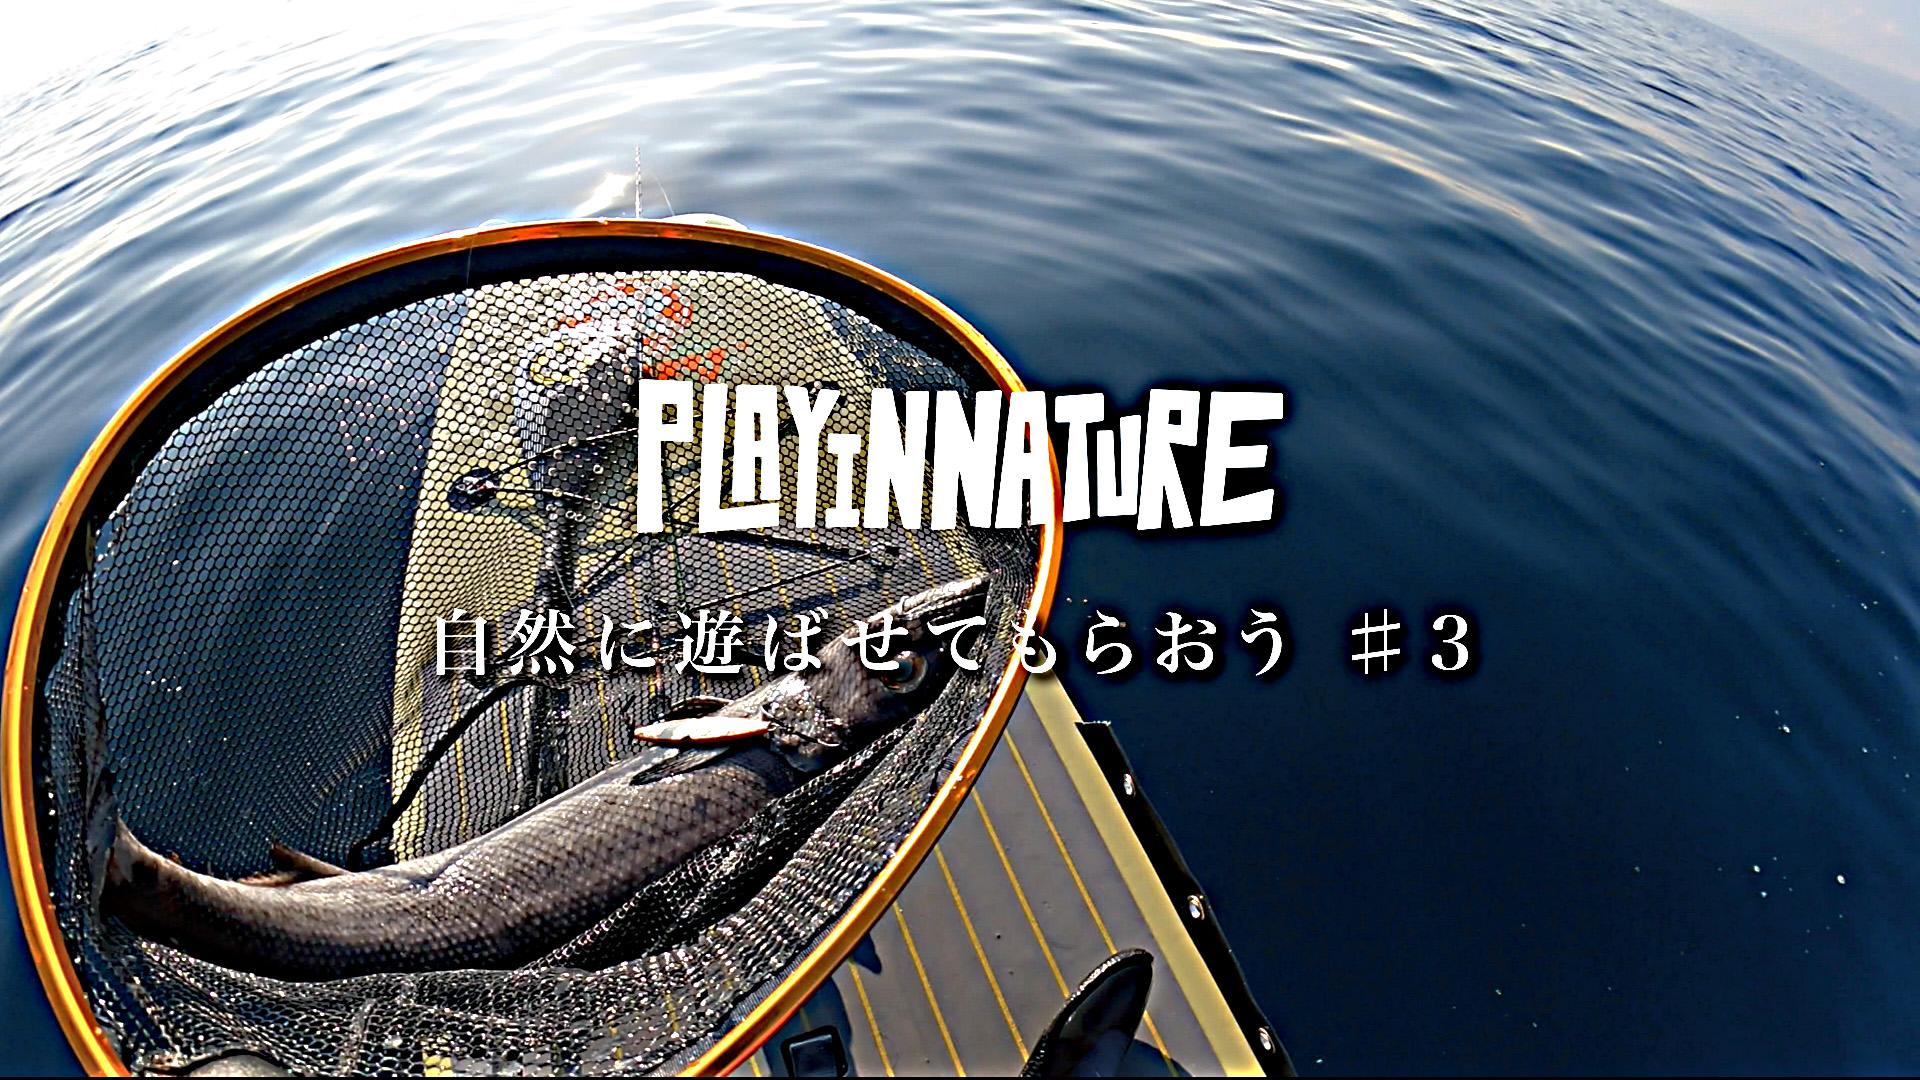 【SUPフィッシング釣行記】アカムツ釣りに行ったら怪魚に引きずり込まれそうになった話